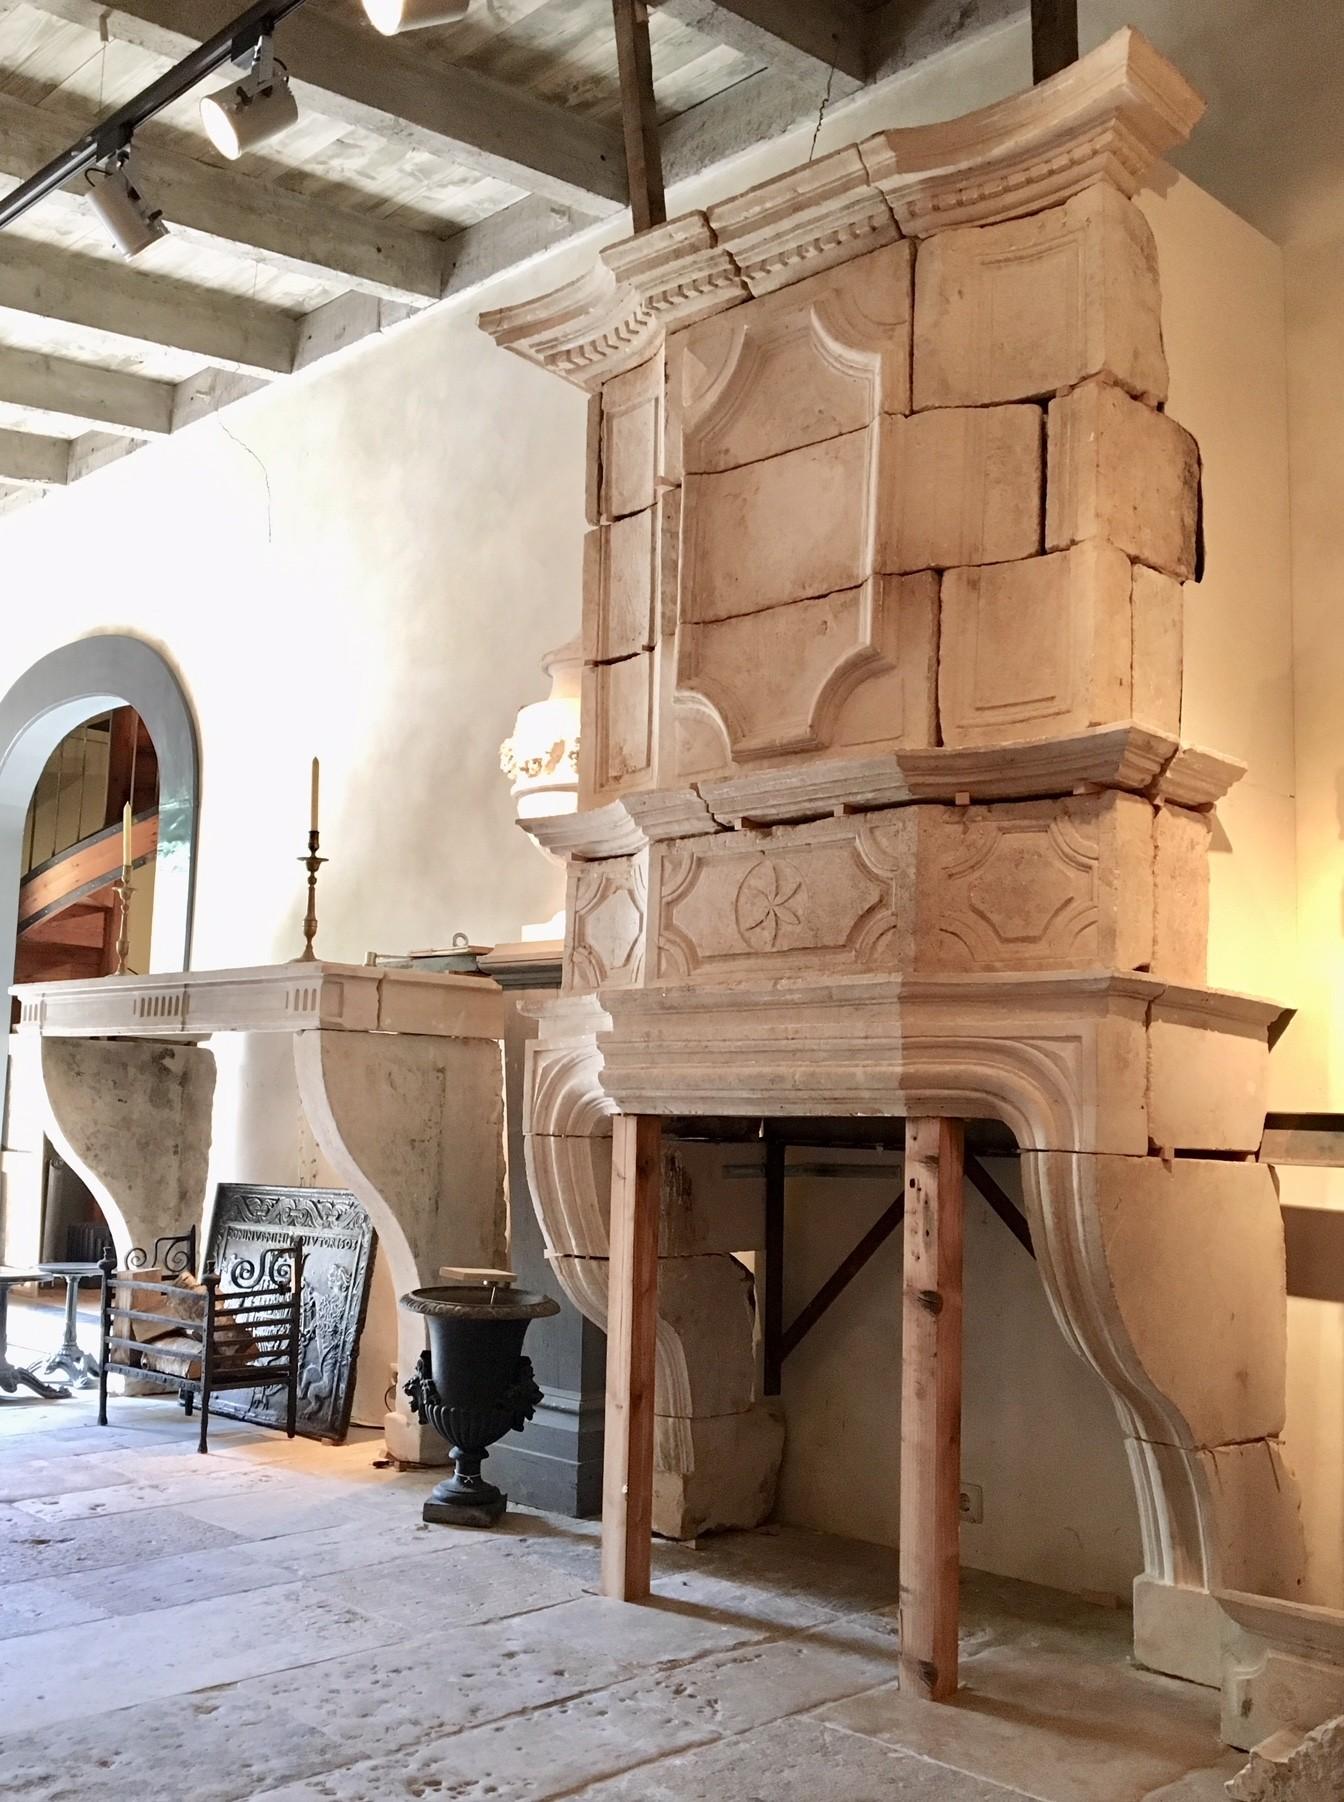 Prachtige grote 17e eeuwse schouw met trumeau